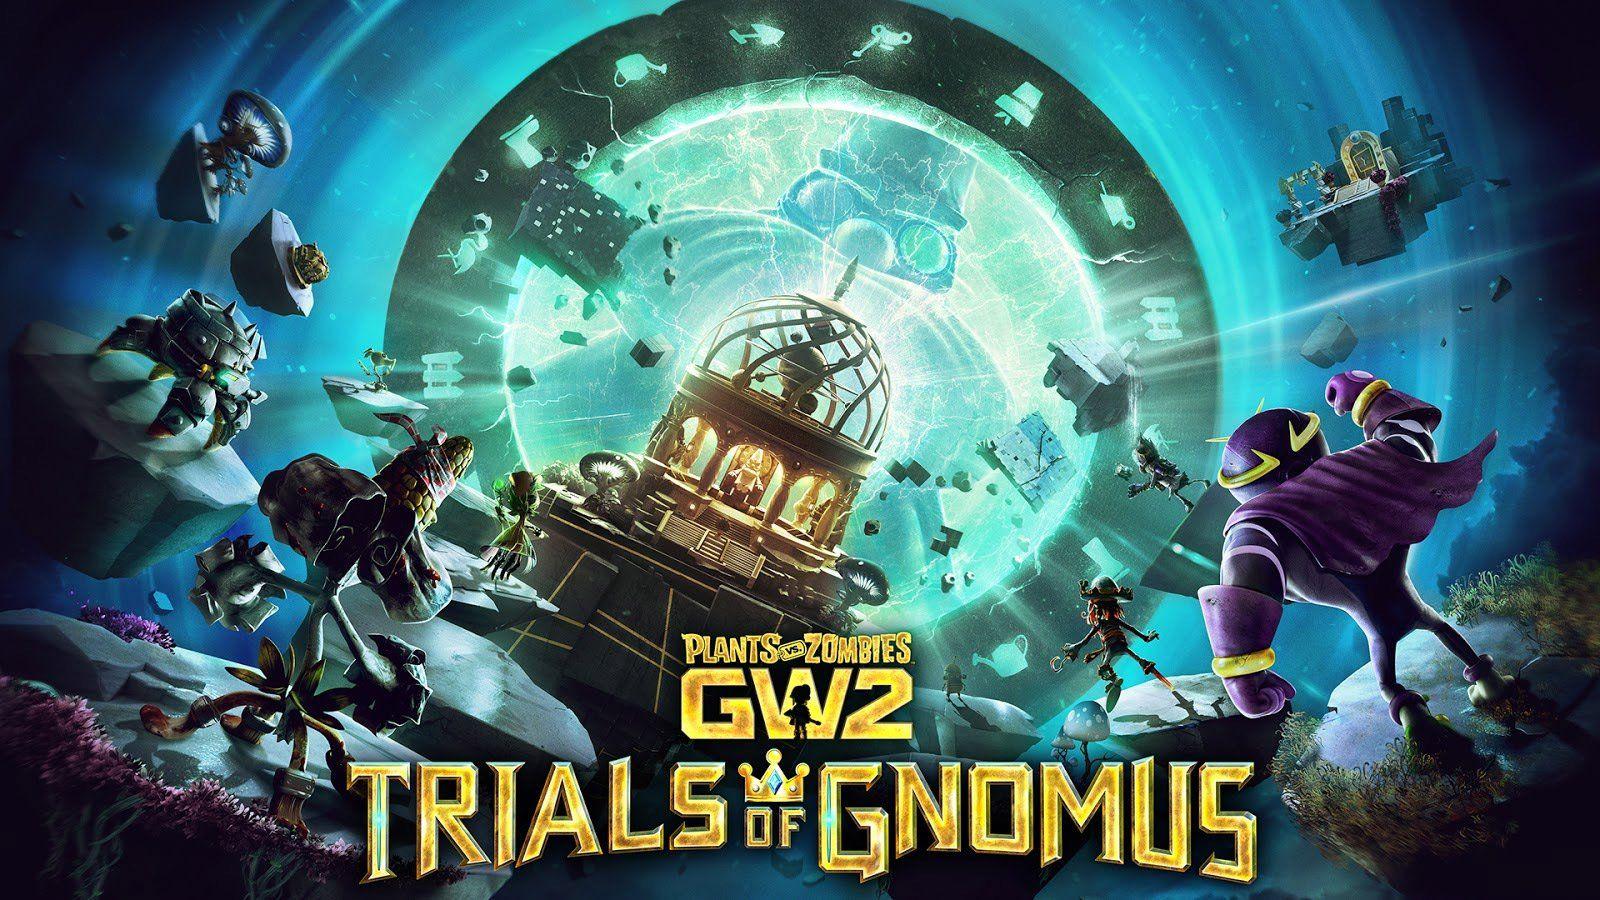 Plants Vs Zombies Gw2 Trials Of Gnomus 548893 Hd Wallpaper